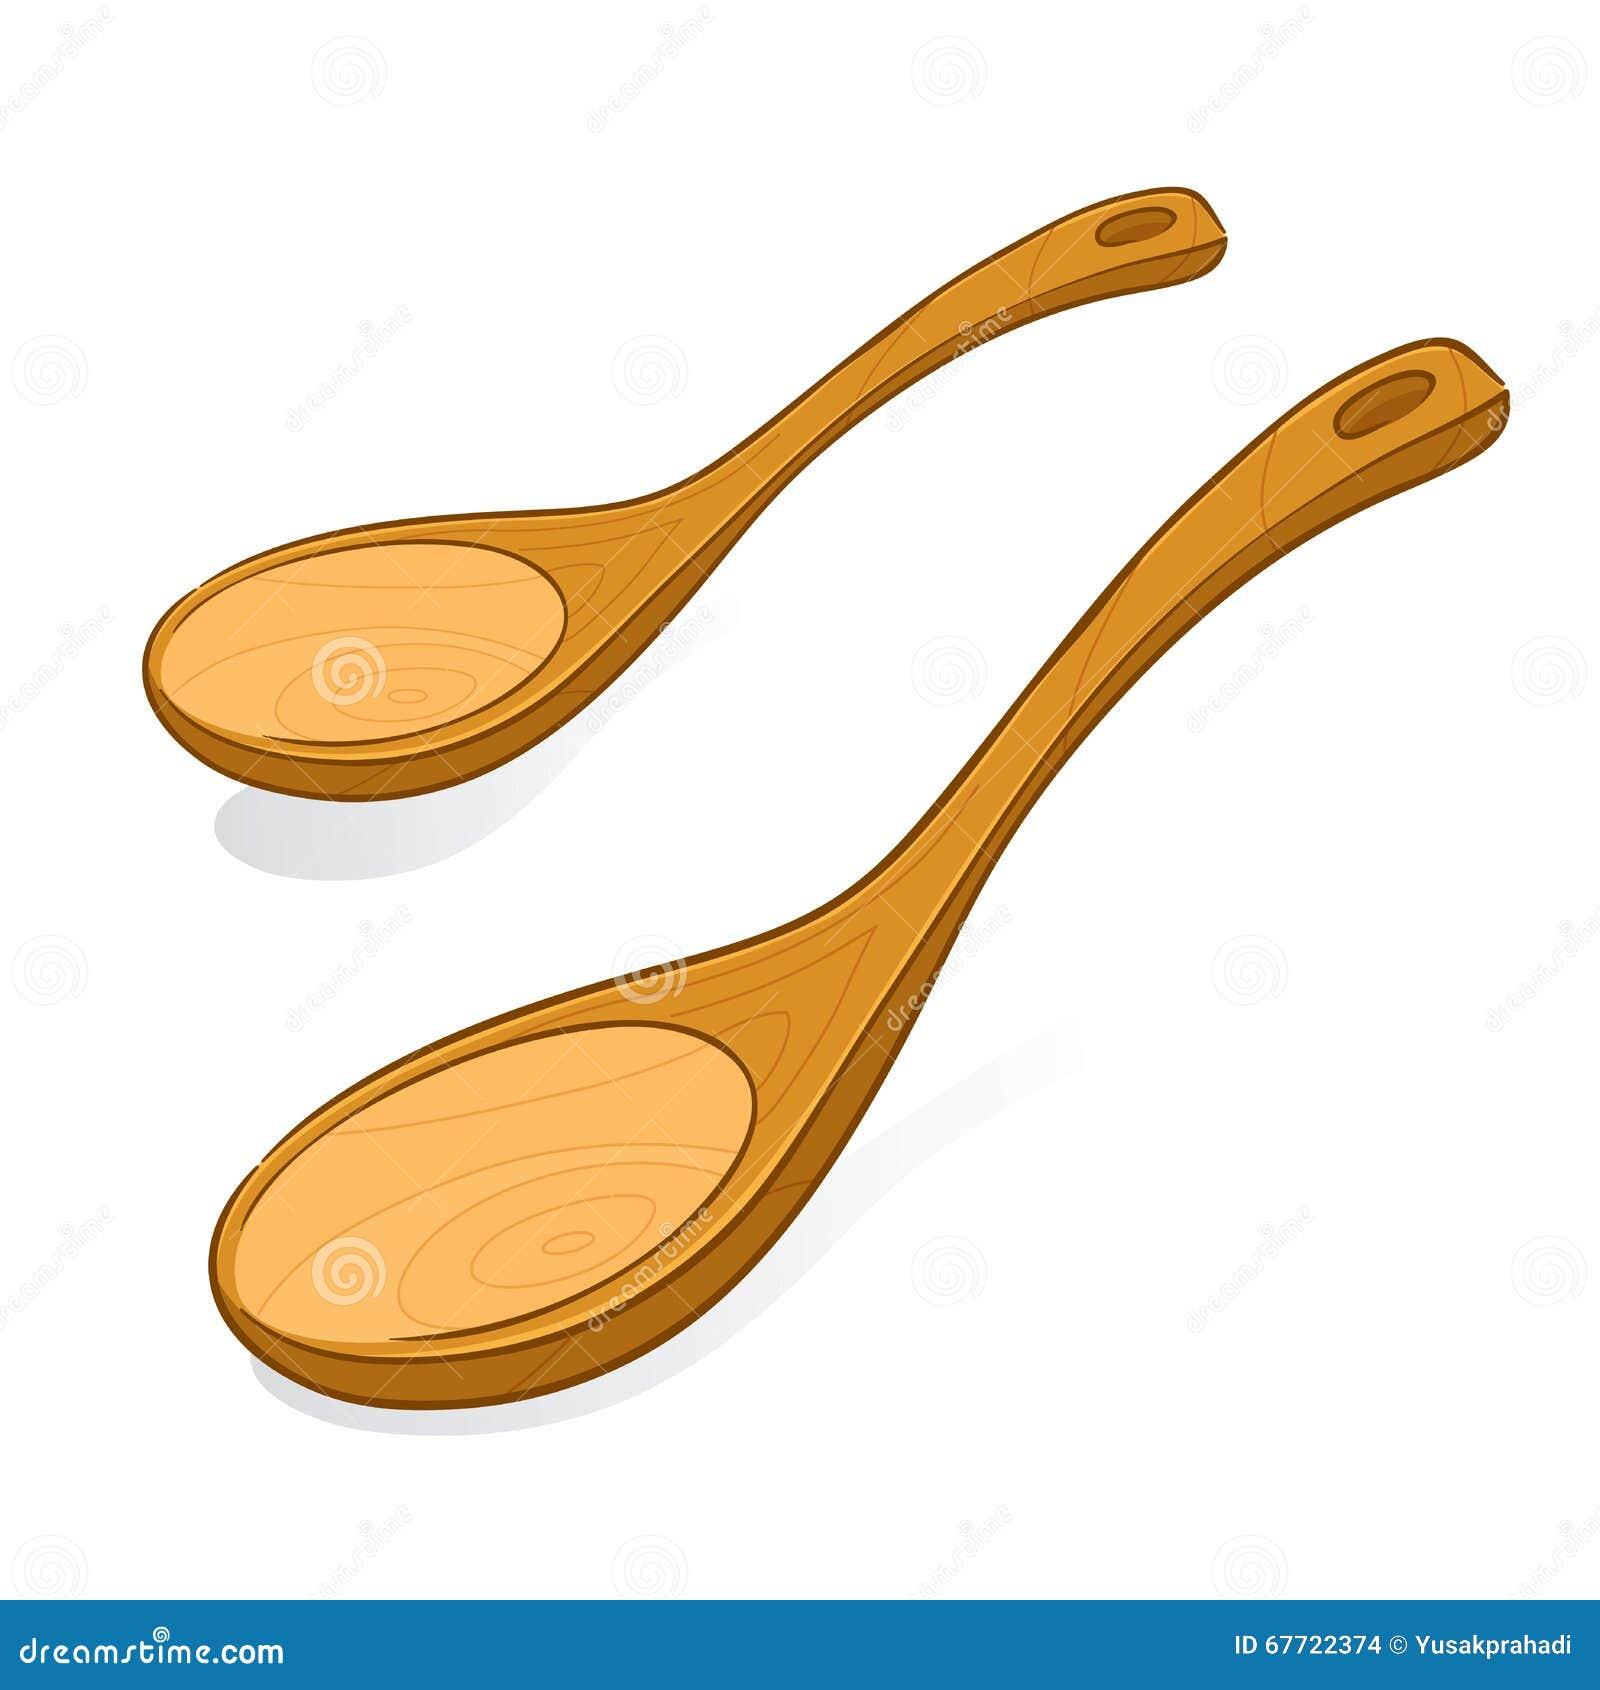 Clip Art Of Wood Craft Tools